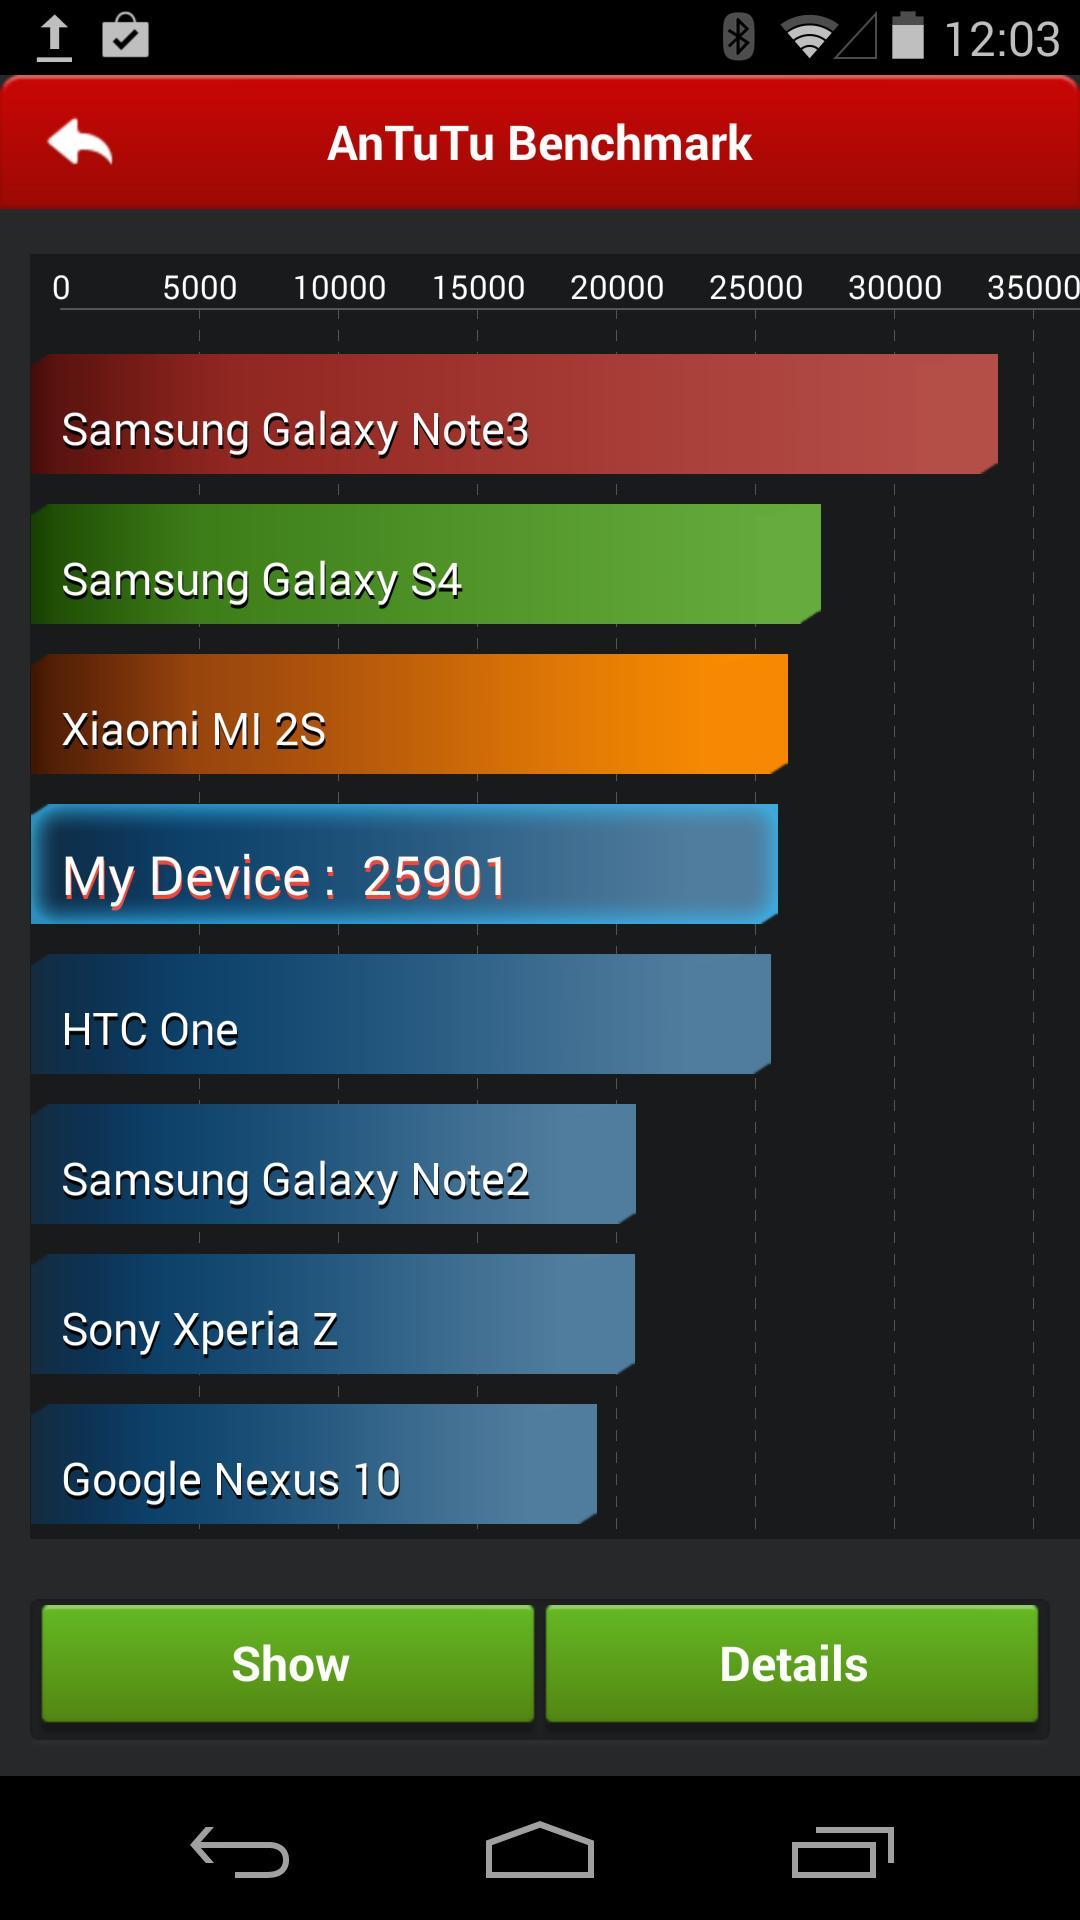 Litt svake testresultater. Dette kan skyldes uferdig programvare, eller at AnTuTu ikke er oppdatert for Android 4.4.